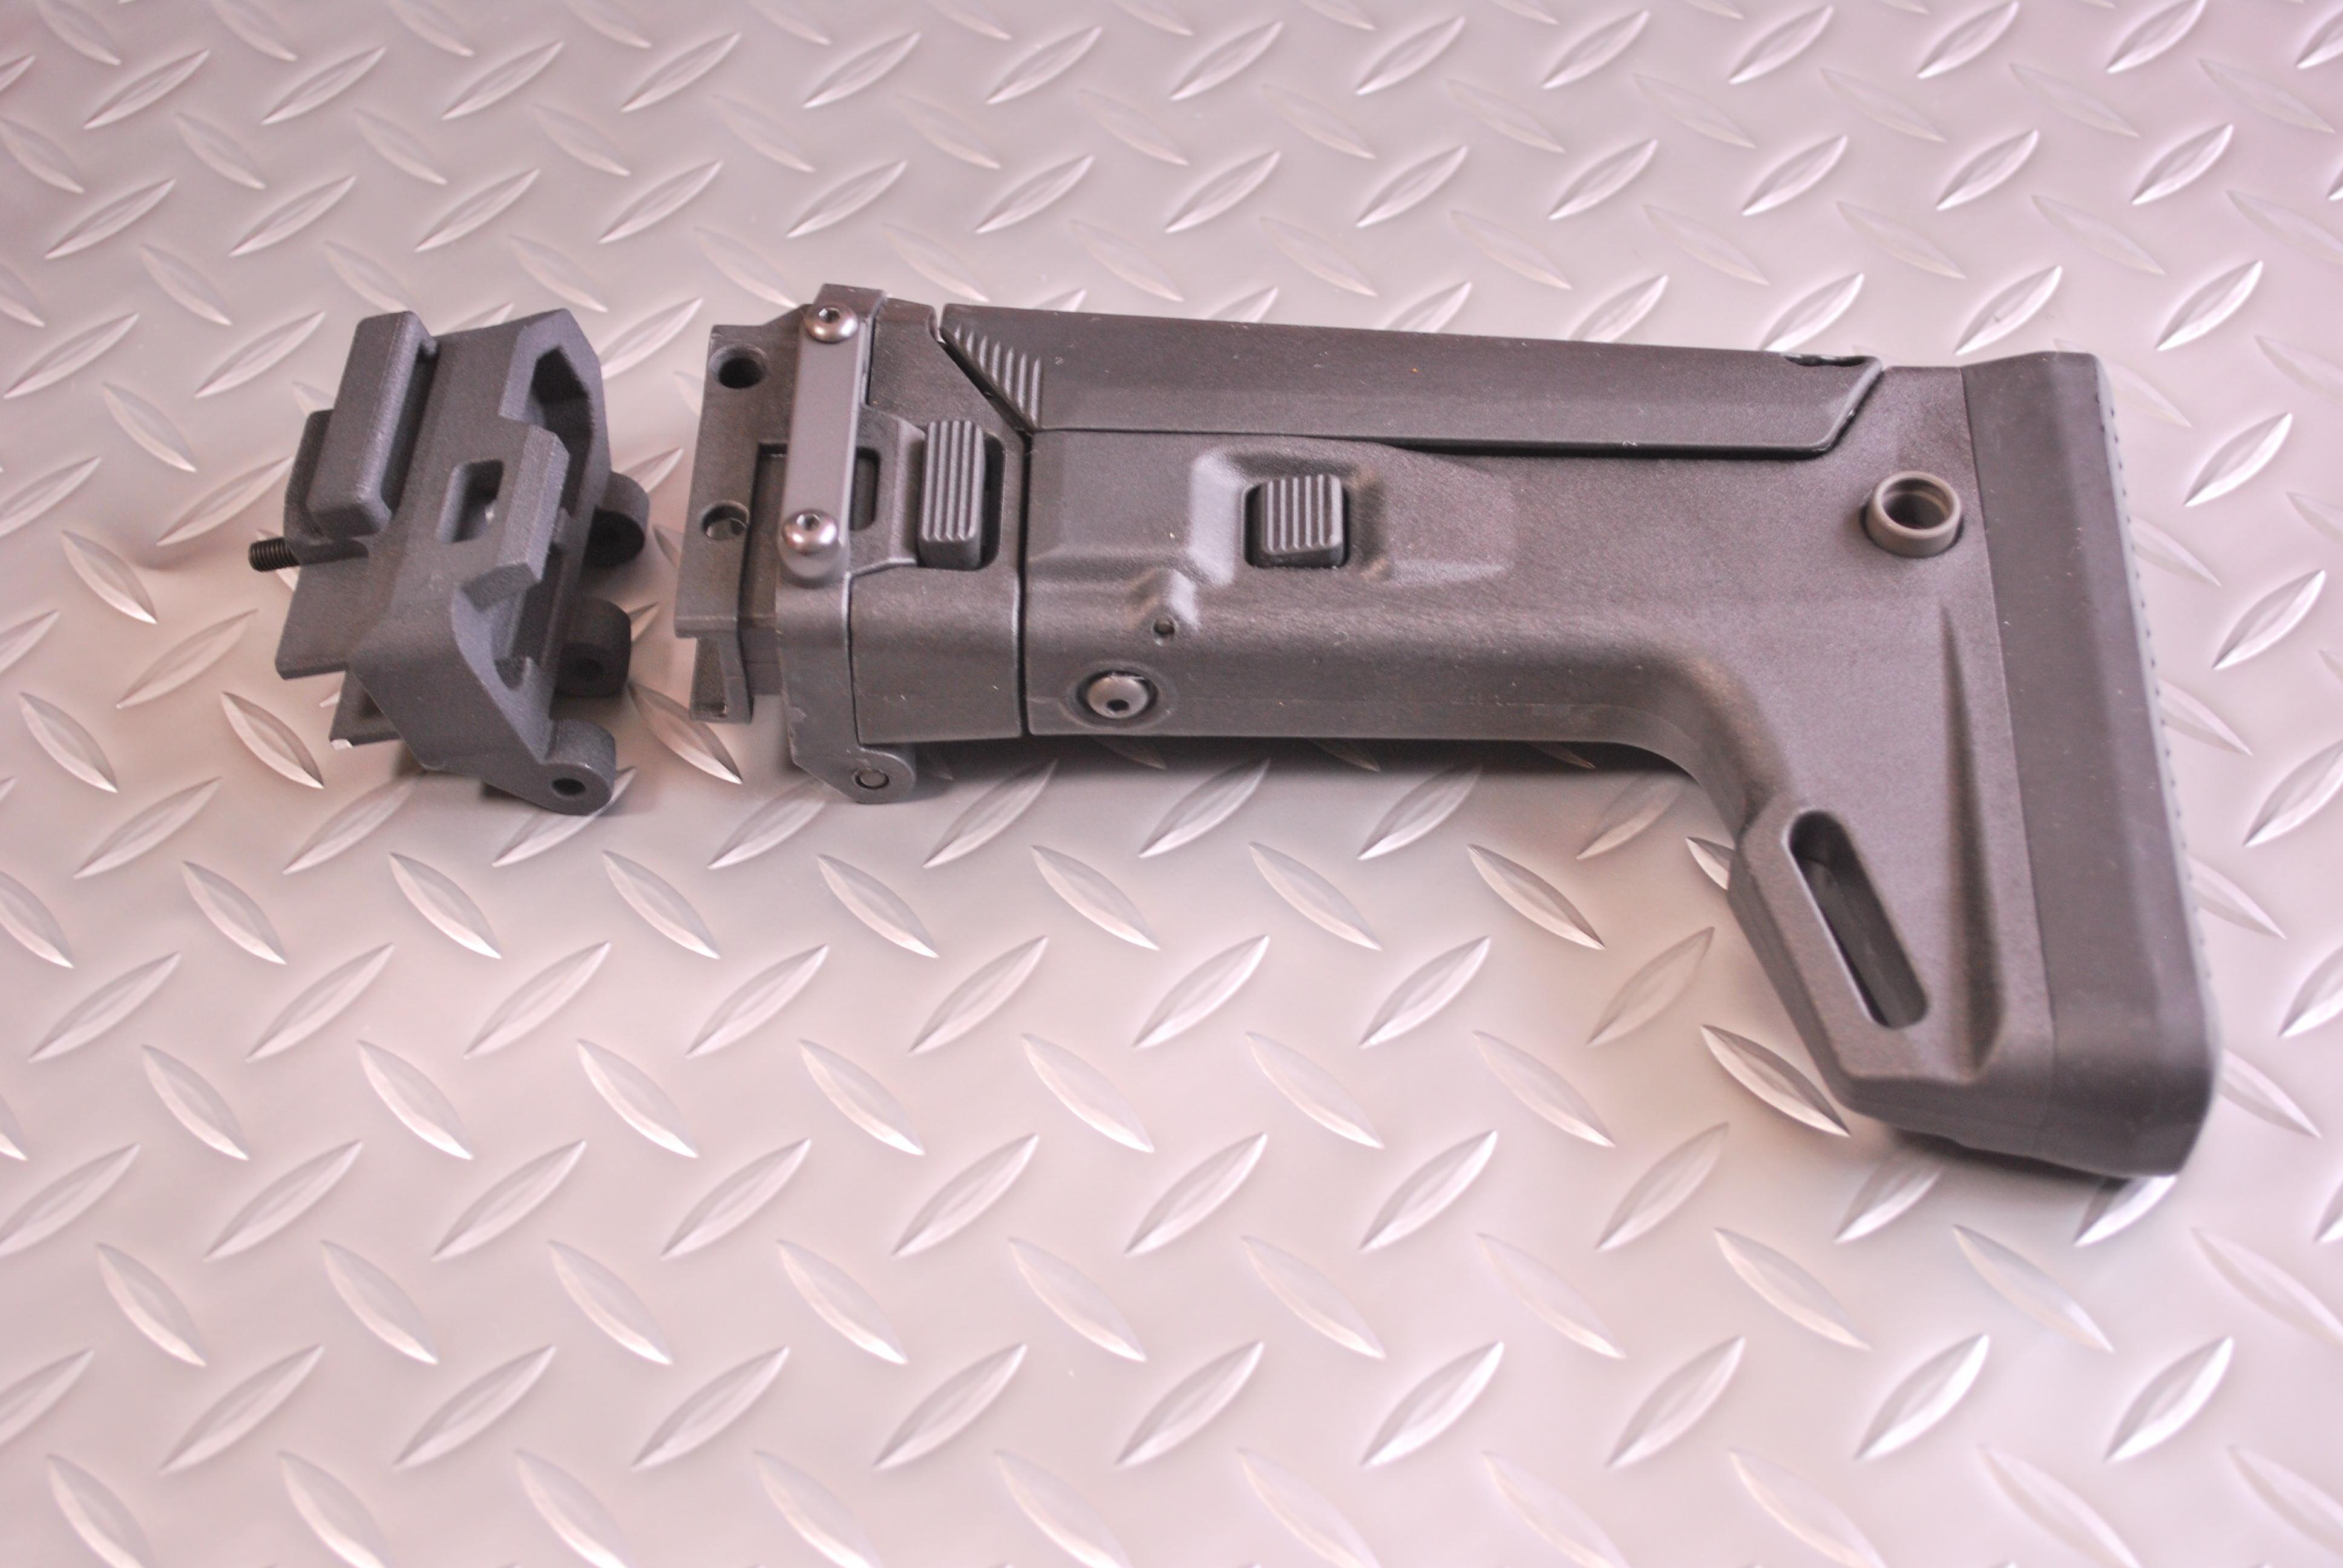 89式小銃用 PTS MASADA ACRストック用アダプター ストック付セット GBB対応加工済